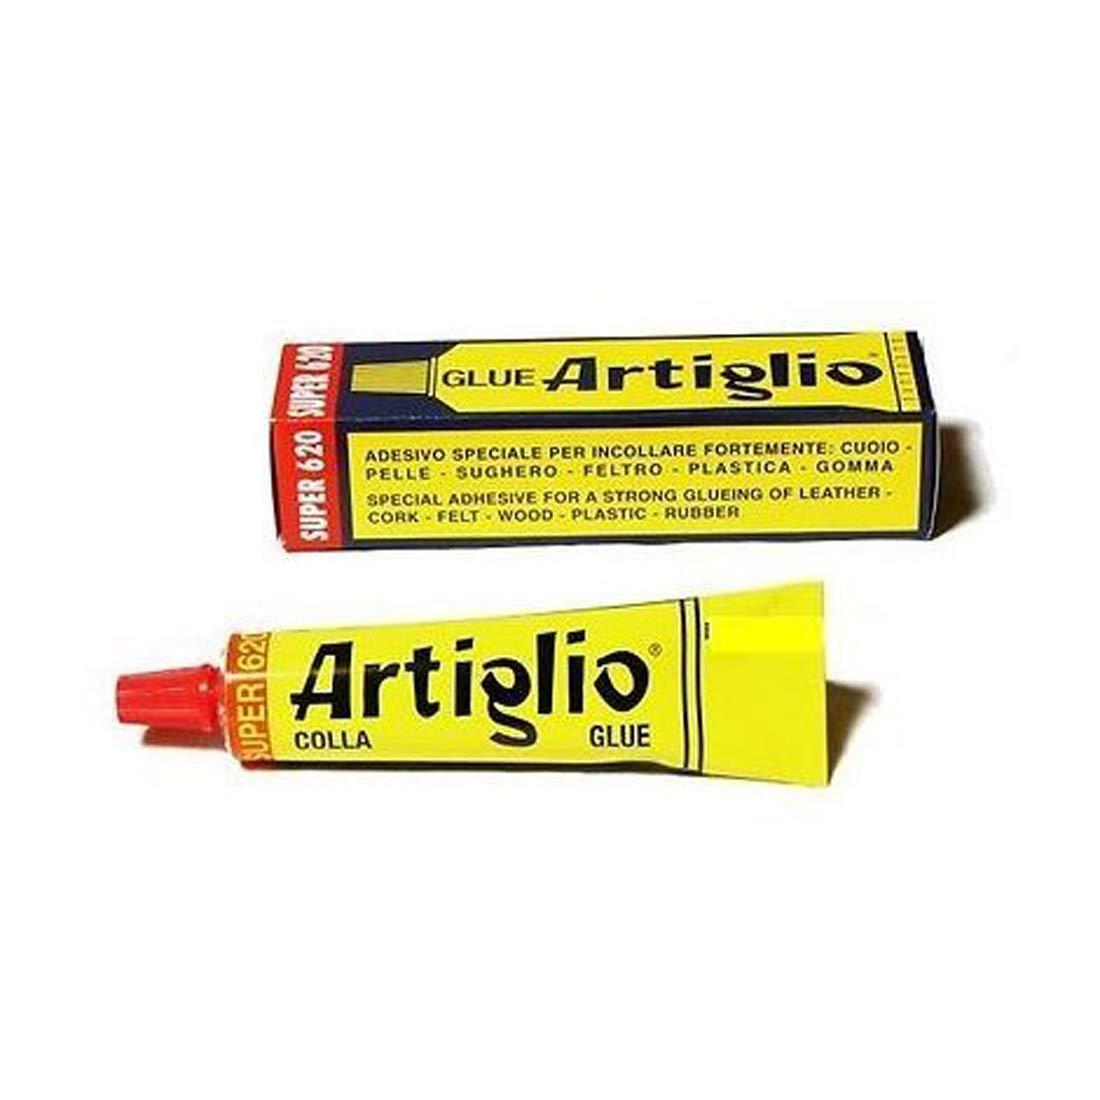 ARTIGLIO Colla Adesivo Speciale per Cuoio, Pelle, Sughero, Feltro, Legno, Plastica e Gomma. Tubetto 150ml. ml. 150